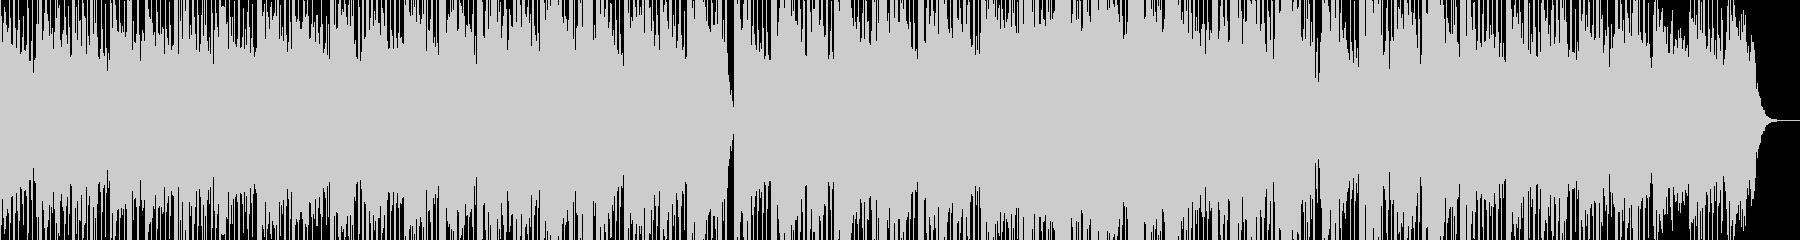 メランコリーなボーカルのチルアウトの未再生の波形